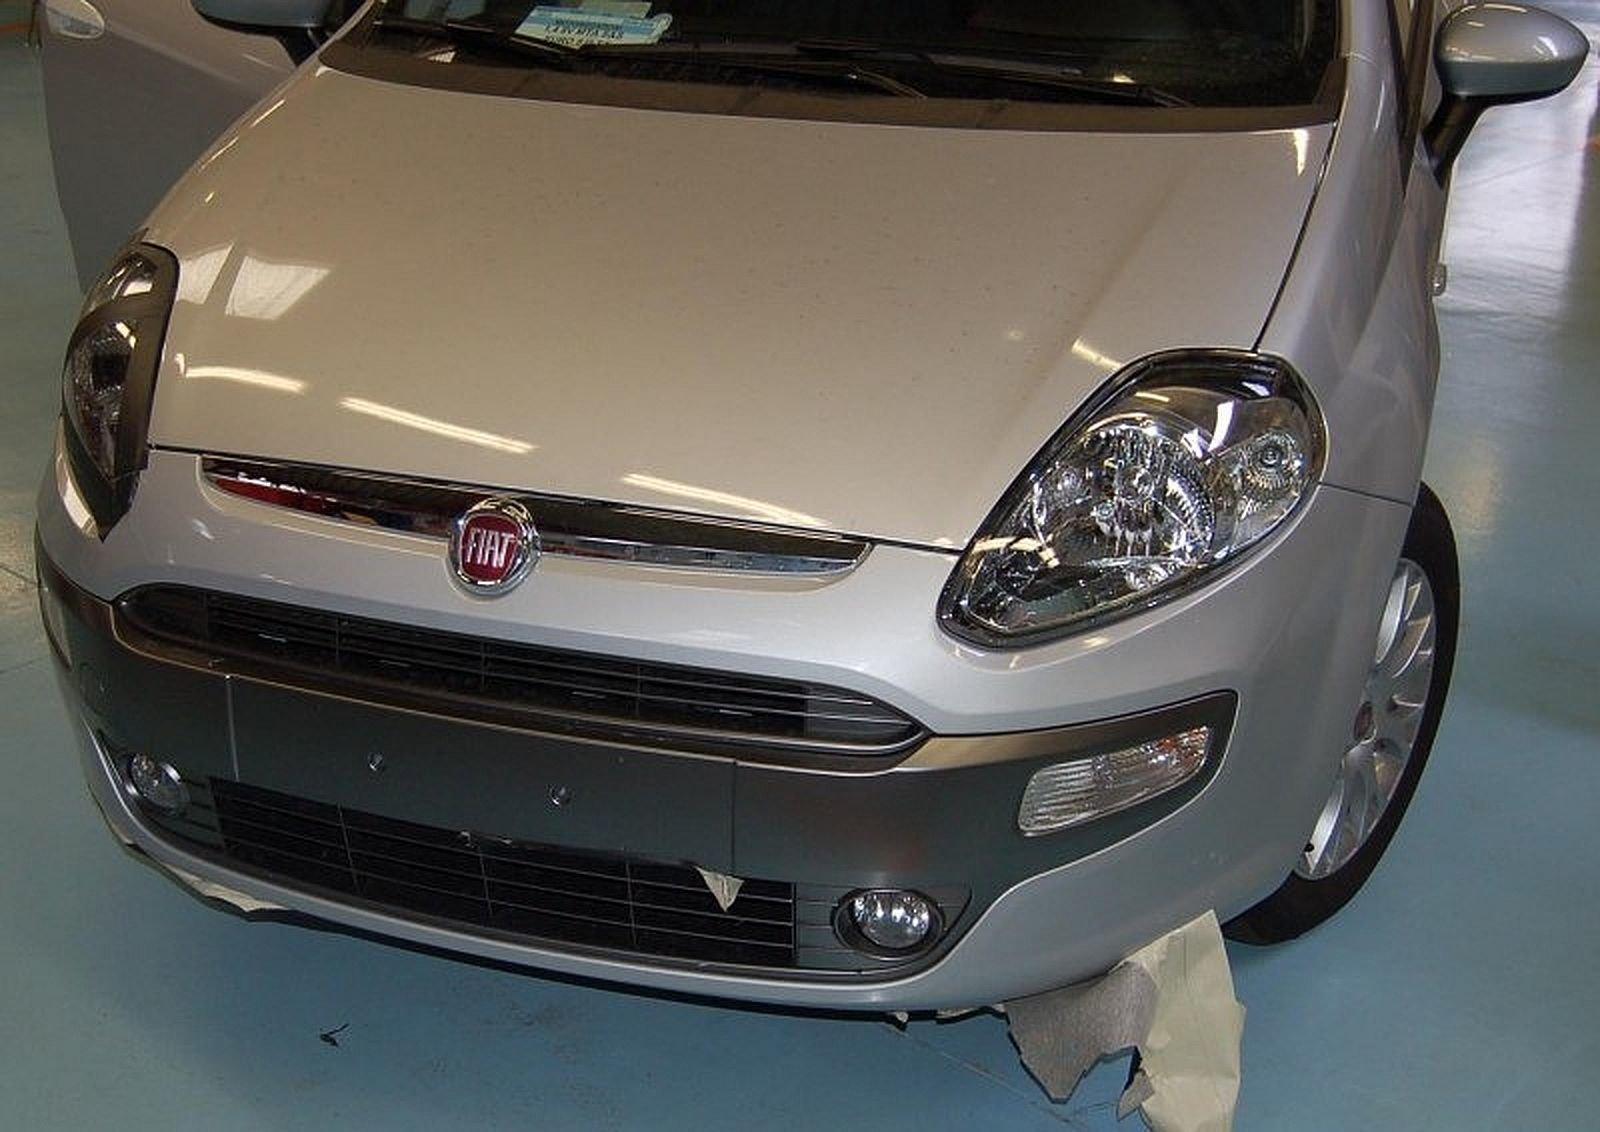 FIAT PUNTO EVO dal 2009 al 2012 Frontale anteriore